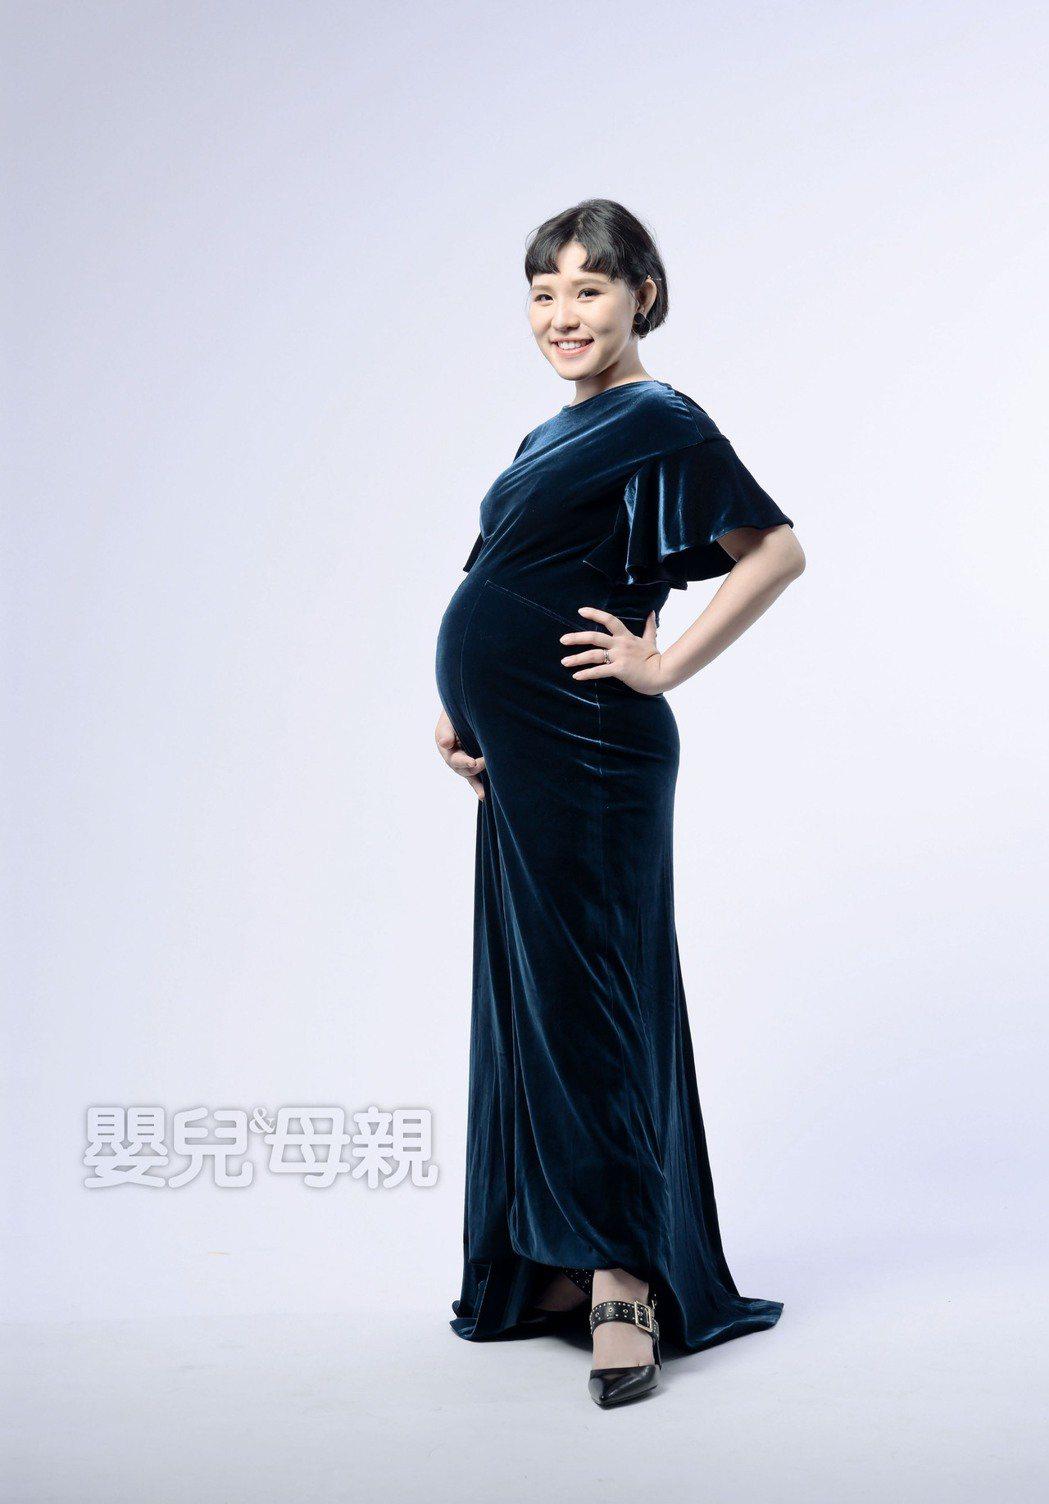 「Hold住姊」謝依霖挺著懷孕6個月大肚接受訪問。圖/嬰兒與母親雜誌提供